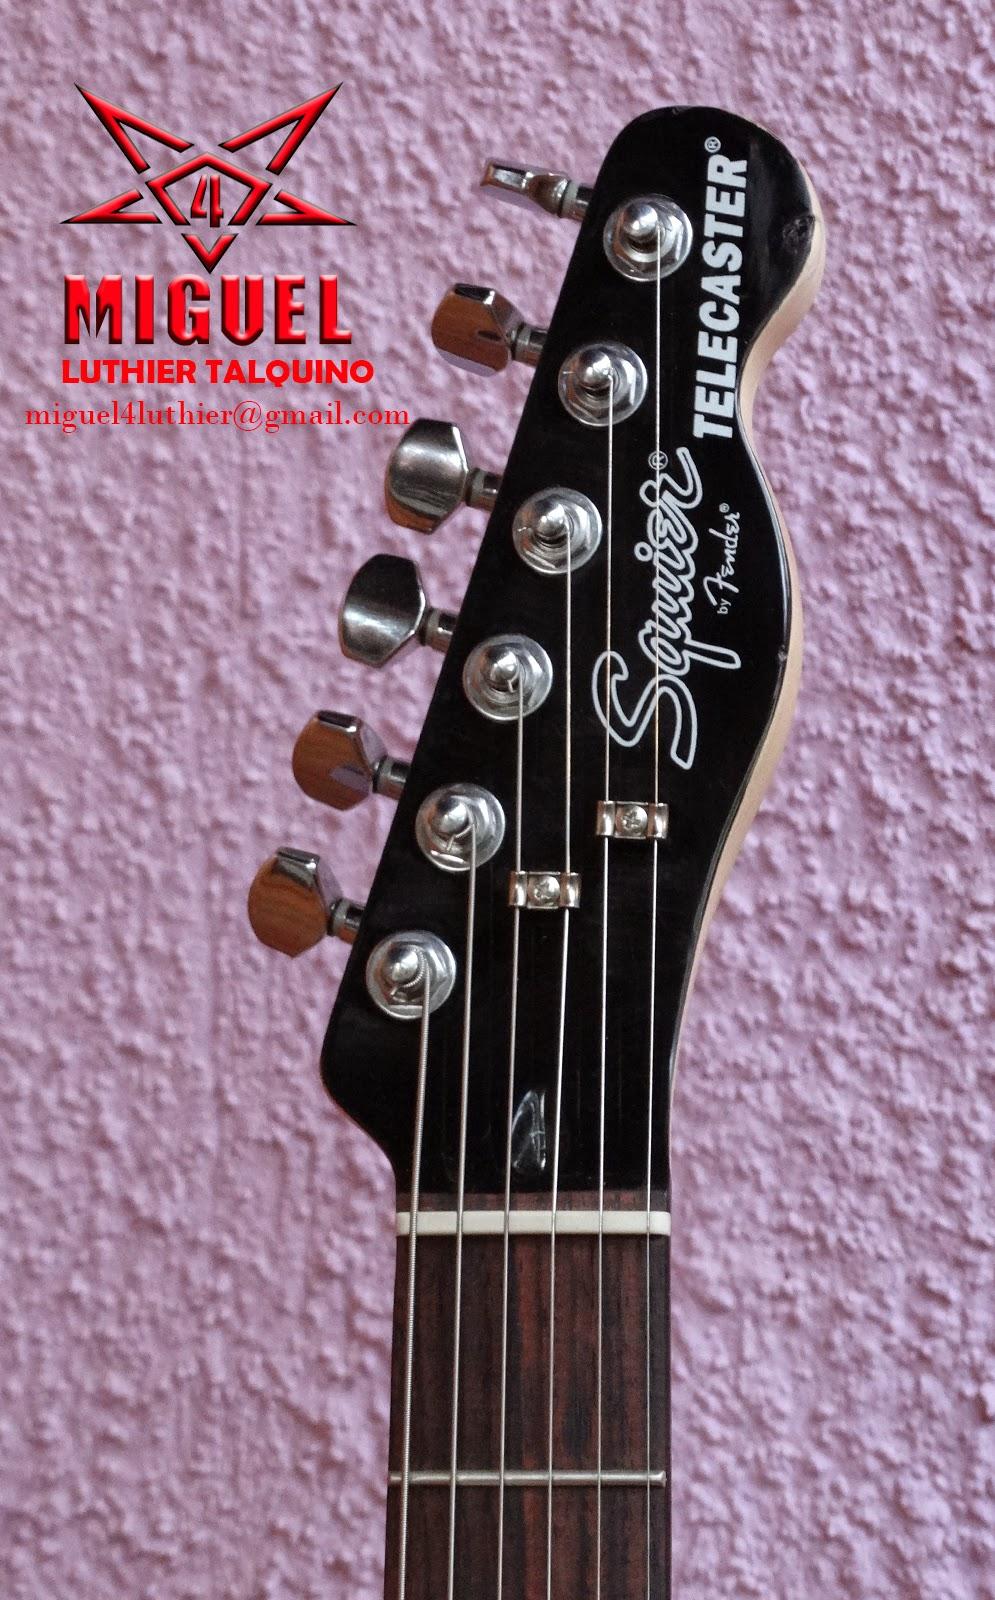 Luthier miguel4 talca guitarra electrica squier for Luthier guitarra electrica